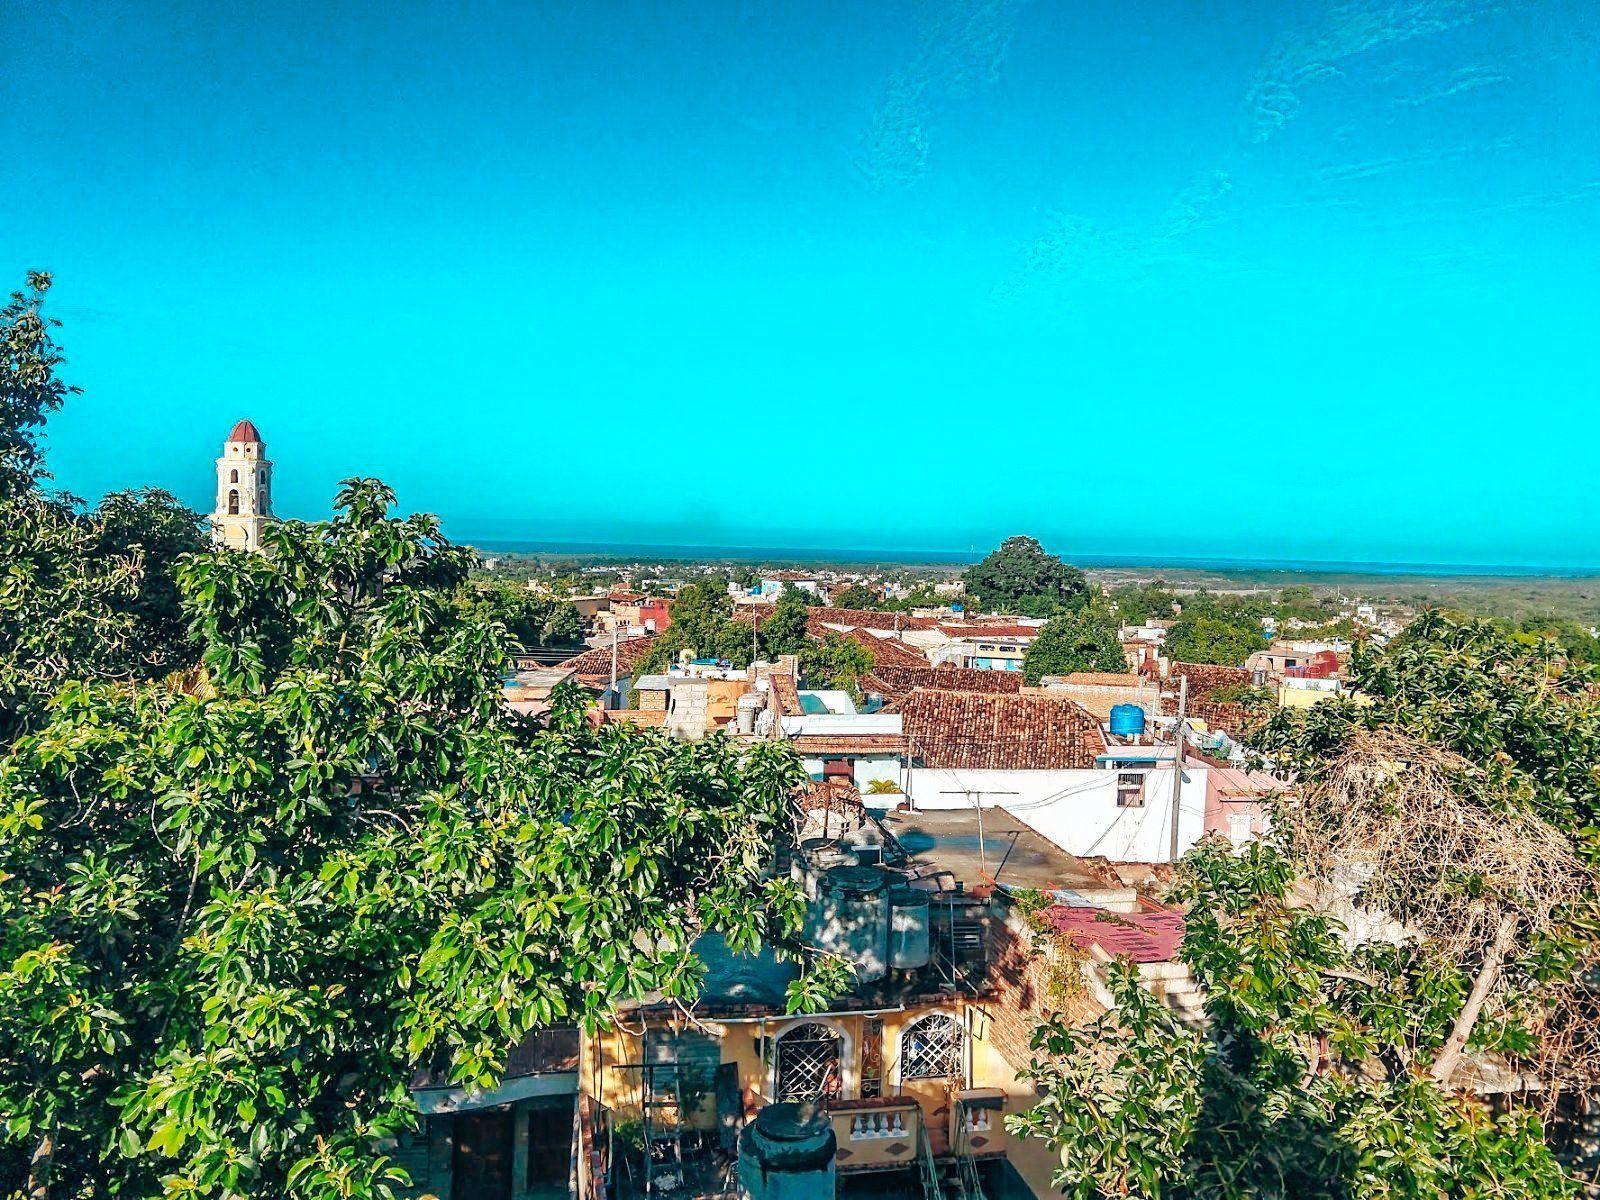 Trinidad landscape in Cuba. #cubatravel